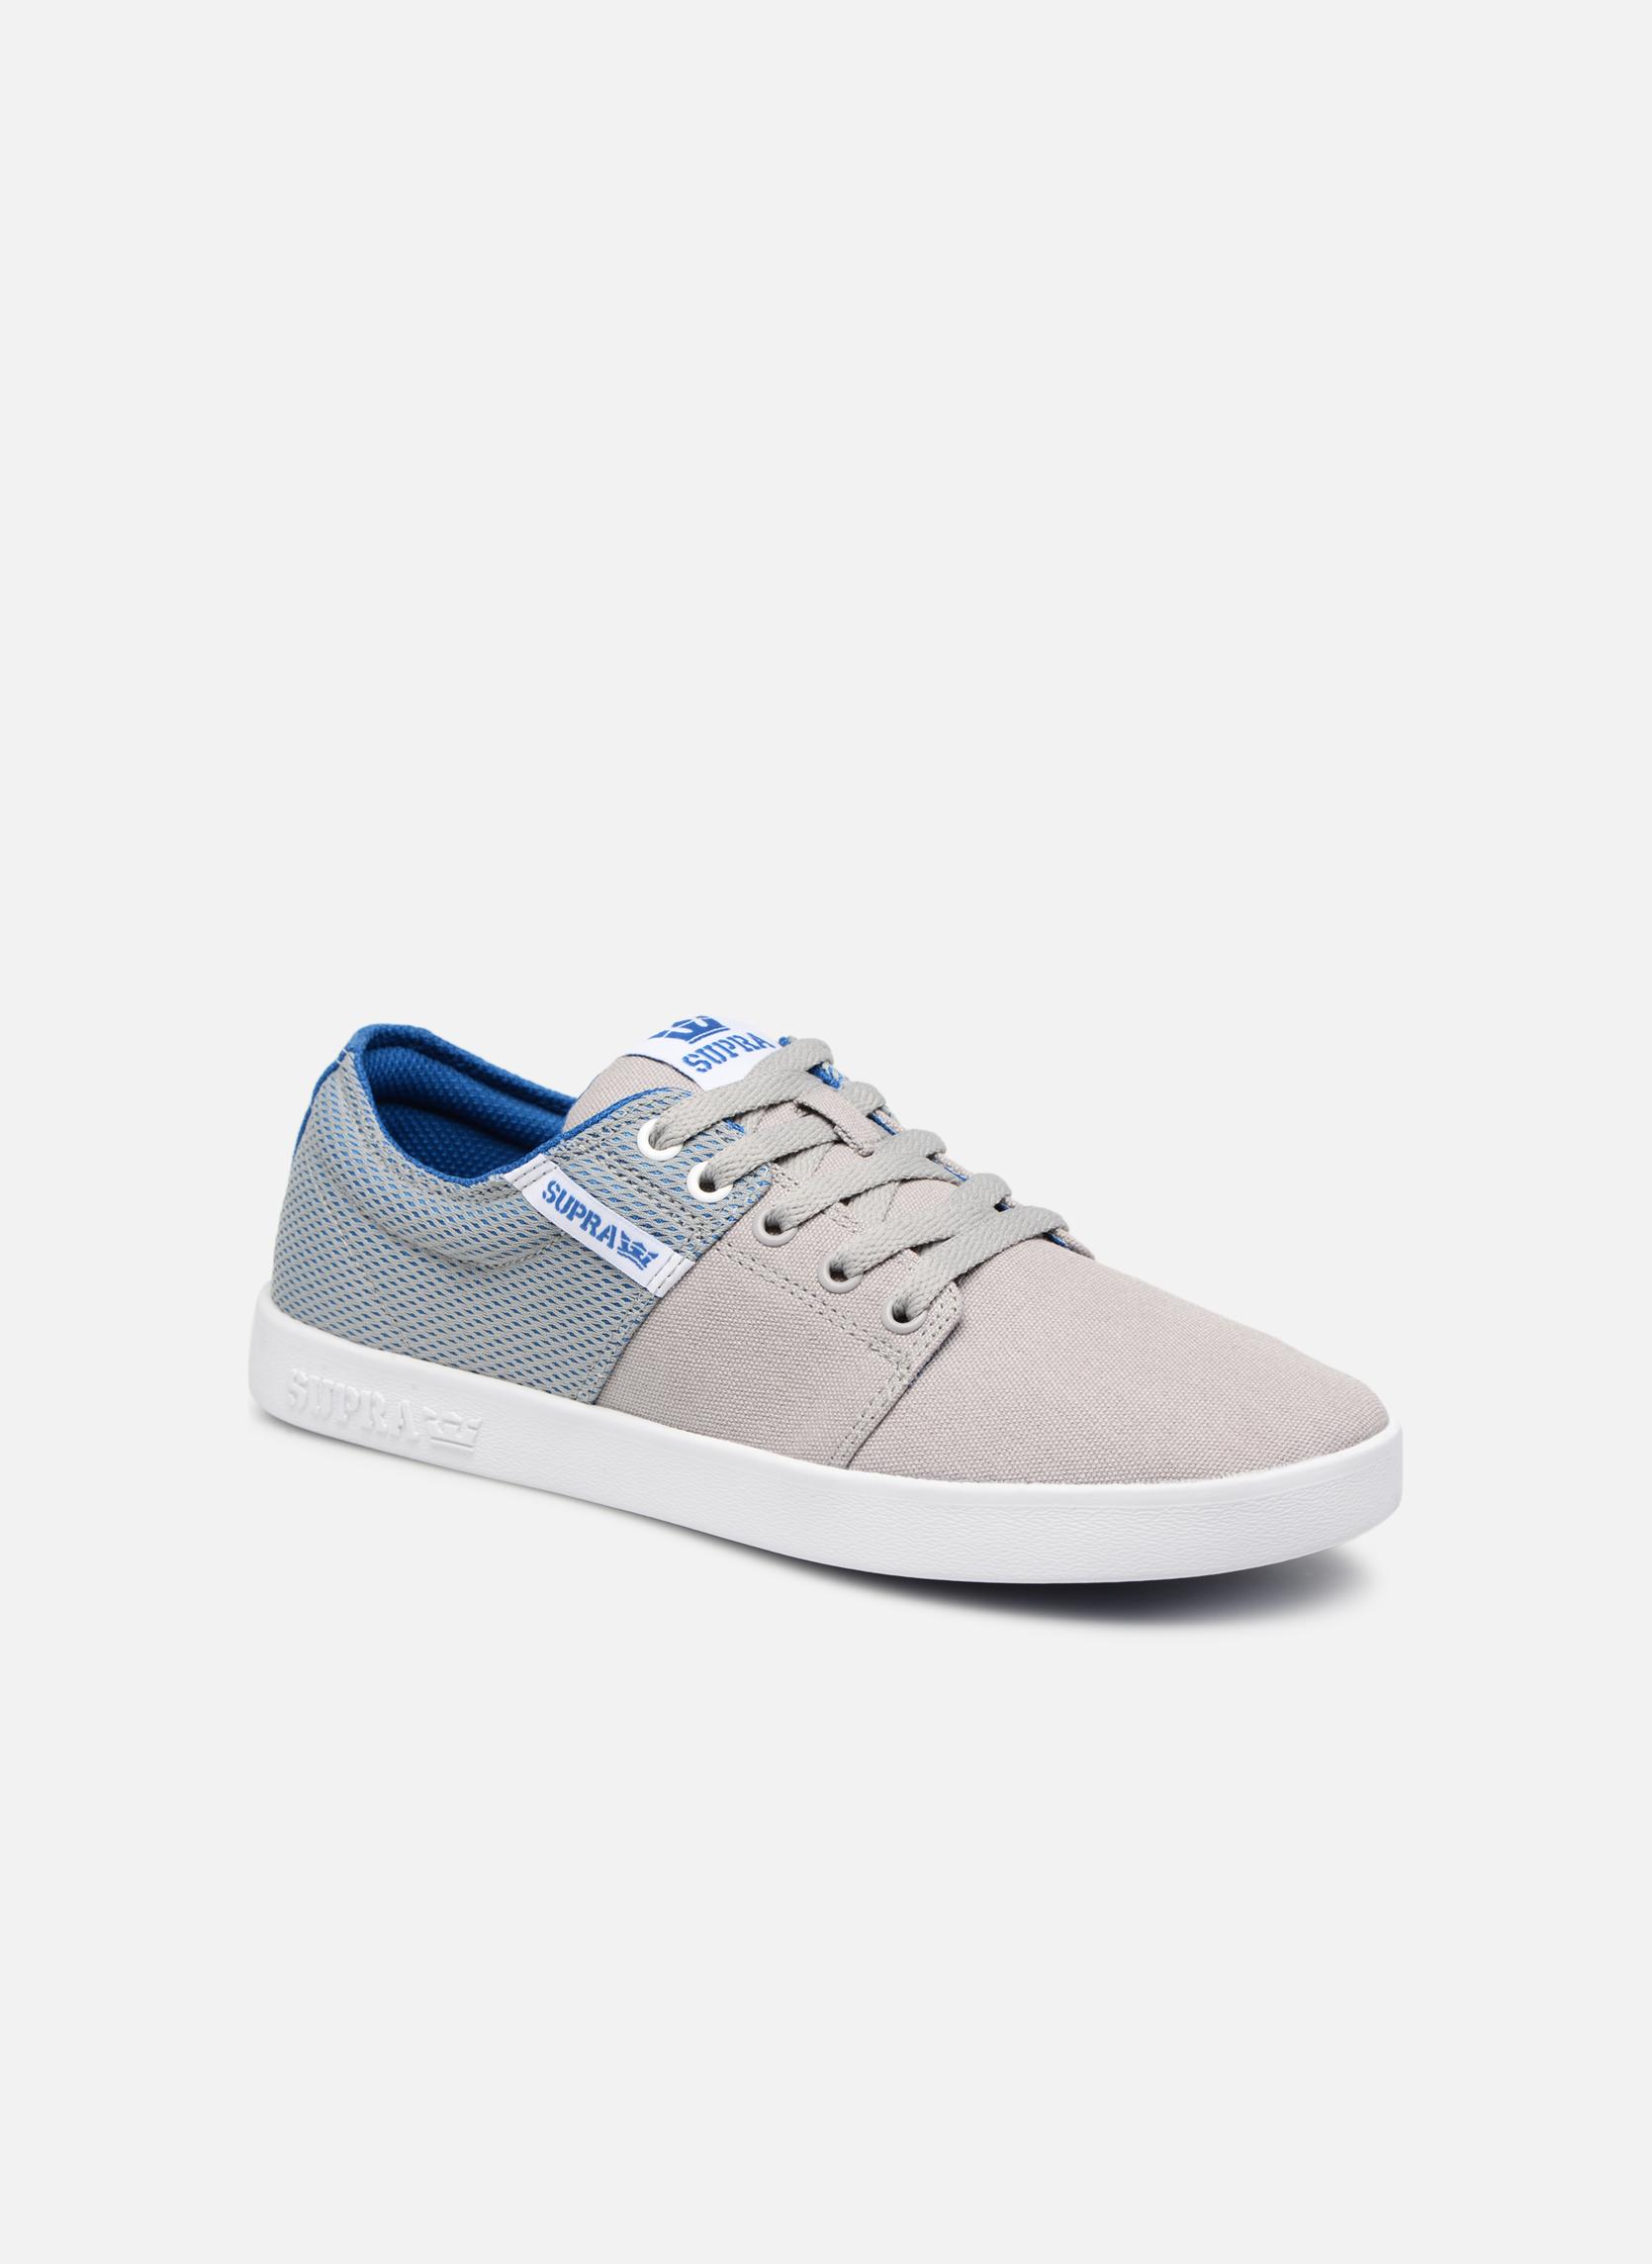 Chaussures de sport Homme Stacks II